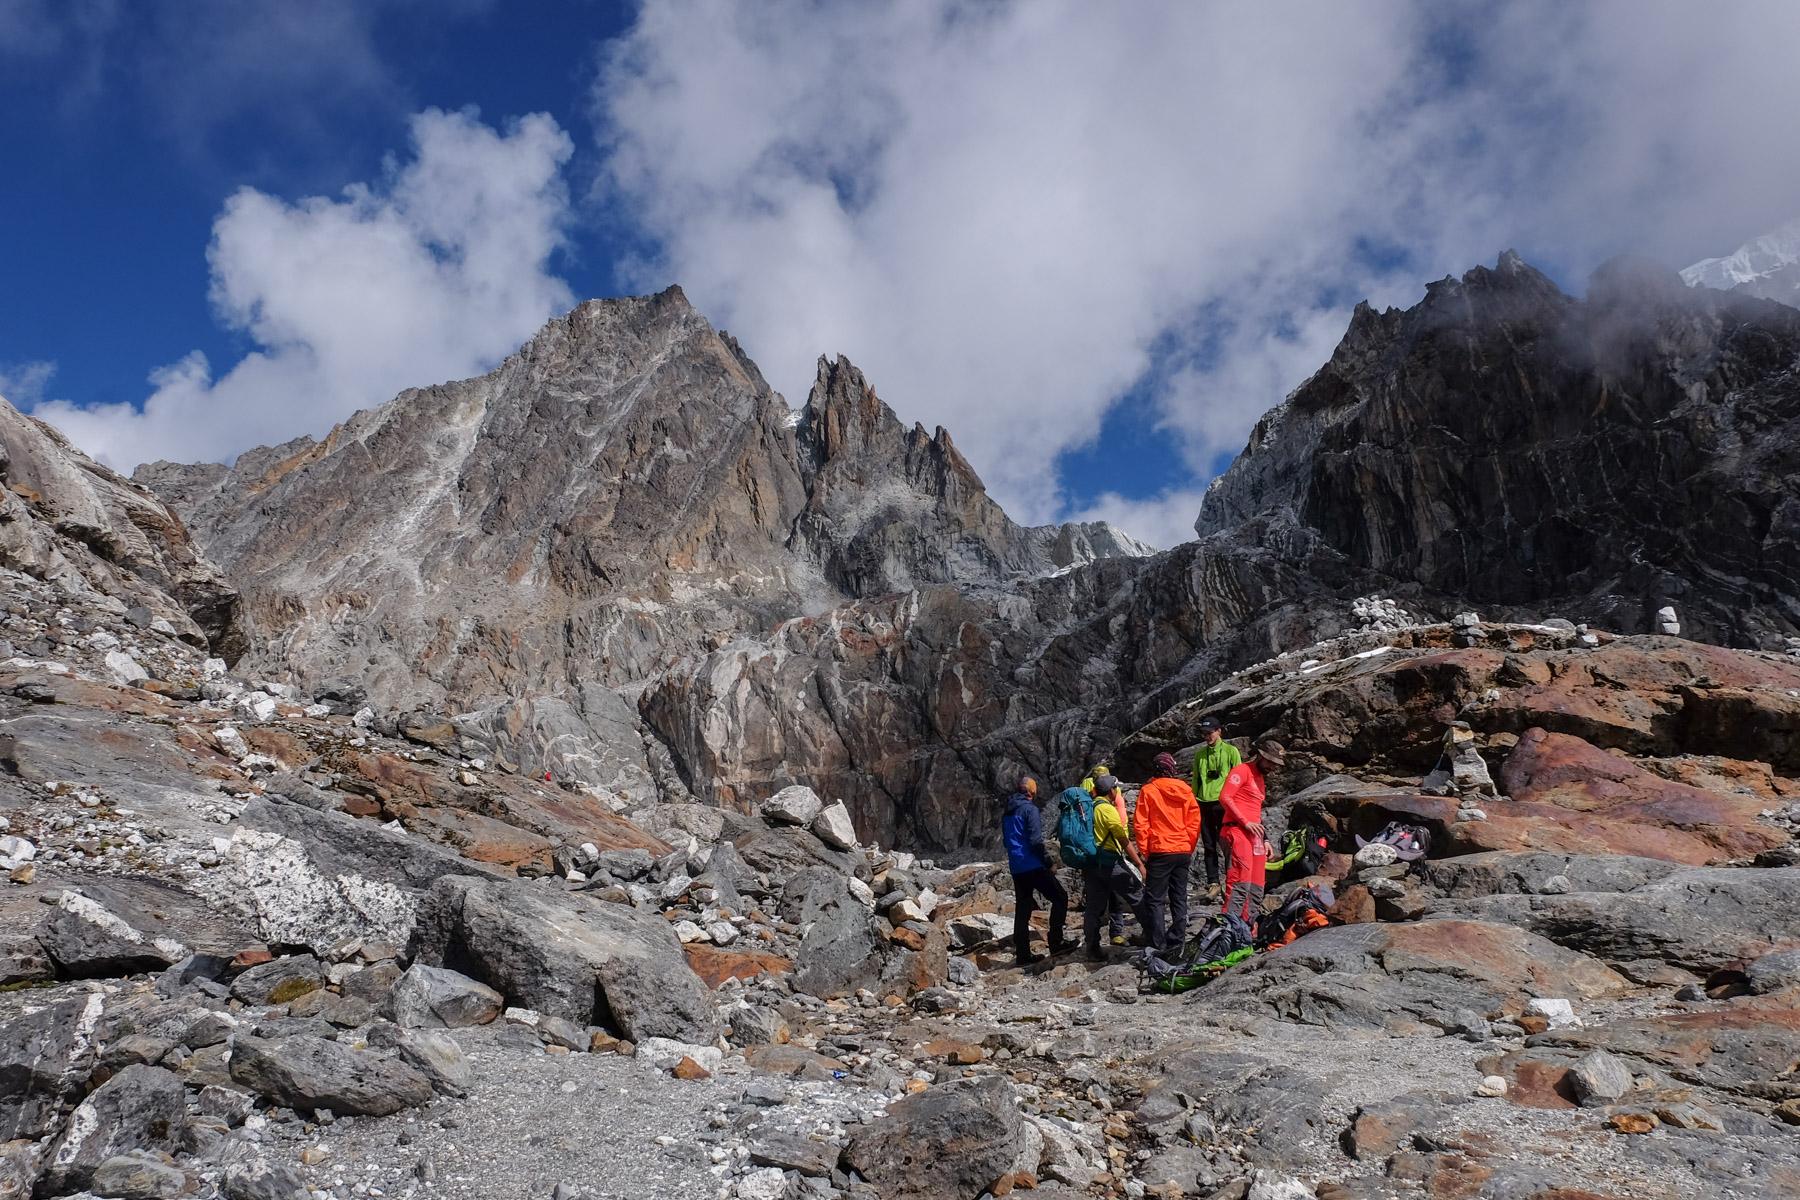 Kala Patthar & Gokyo, Everest 3 pass #3 48